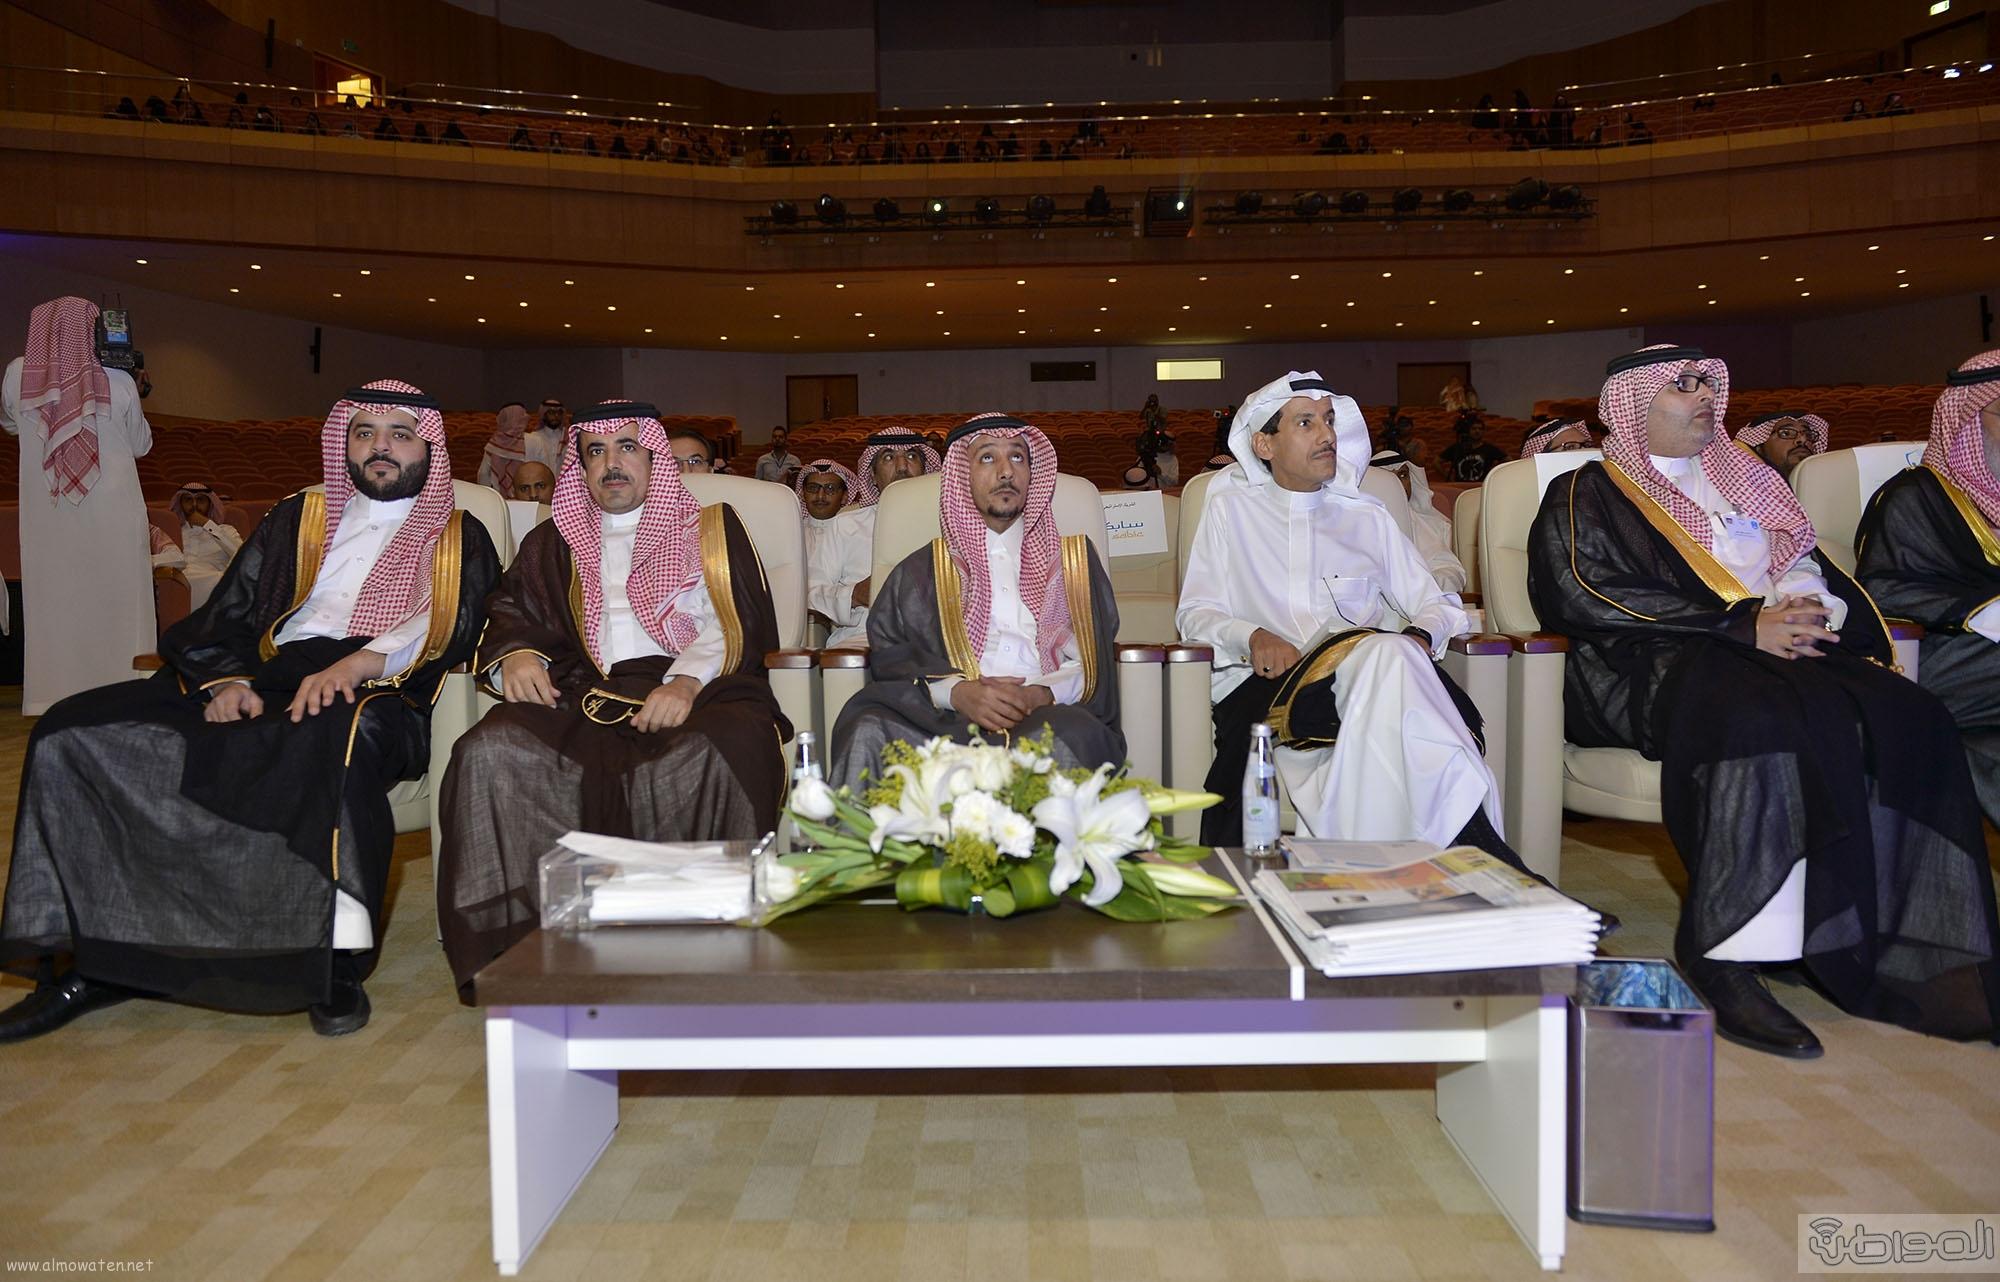 امير الرياض خلال رعاية طموح ملك لمستقبل وطن (5)